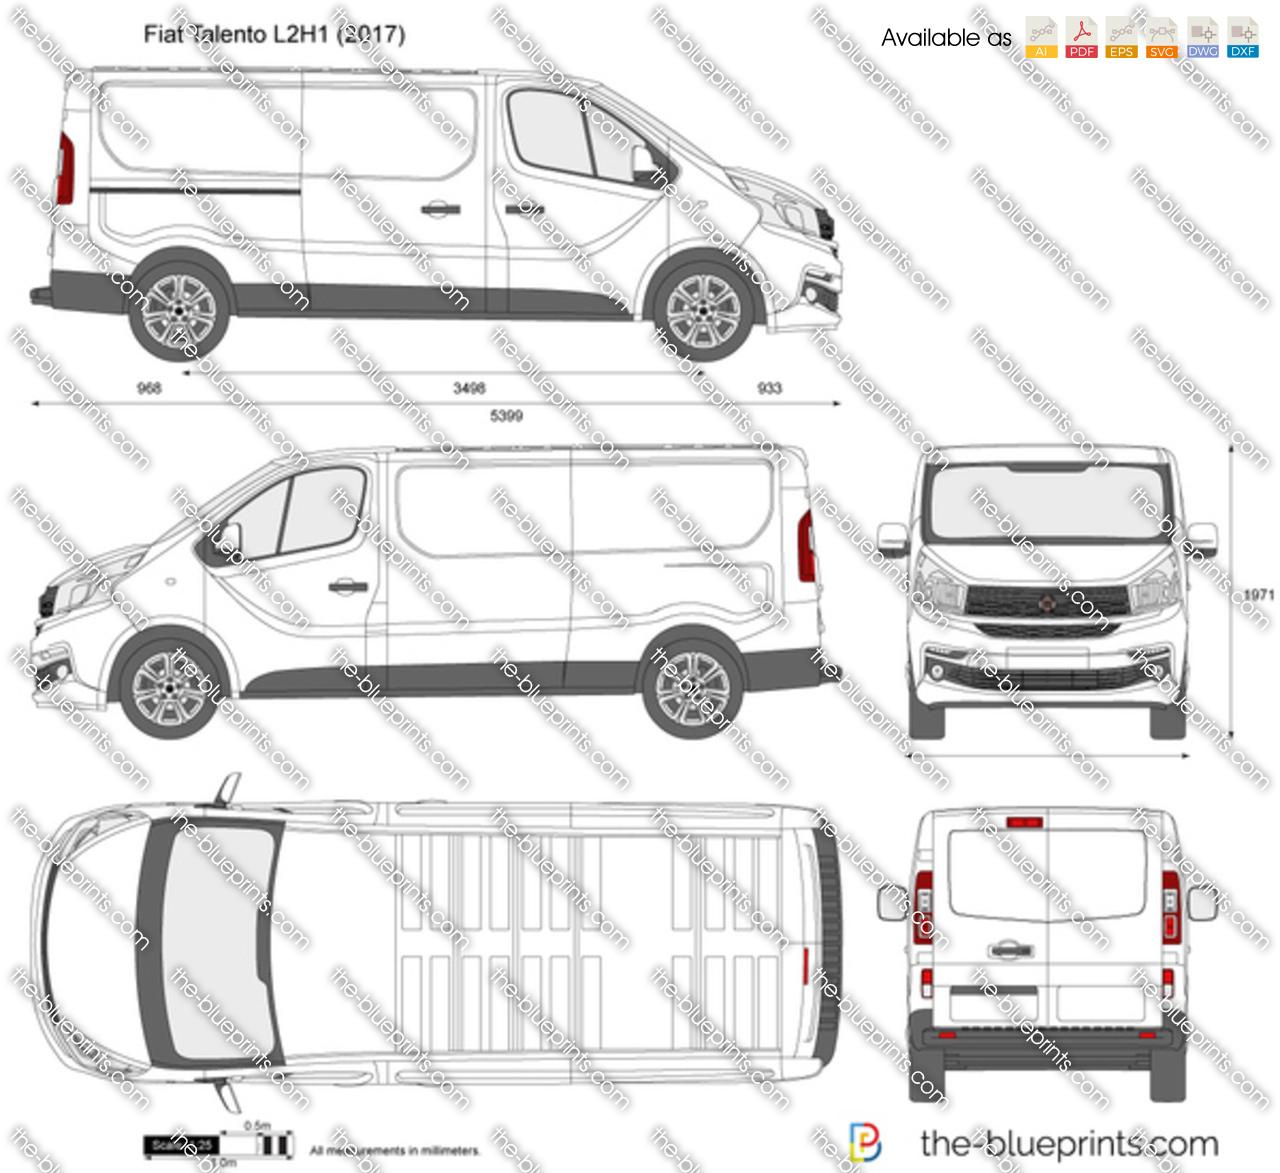 Fiat Talento L2H1